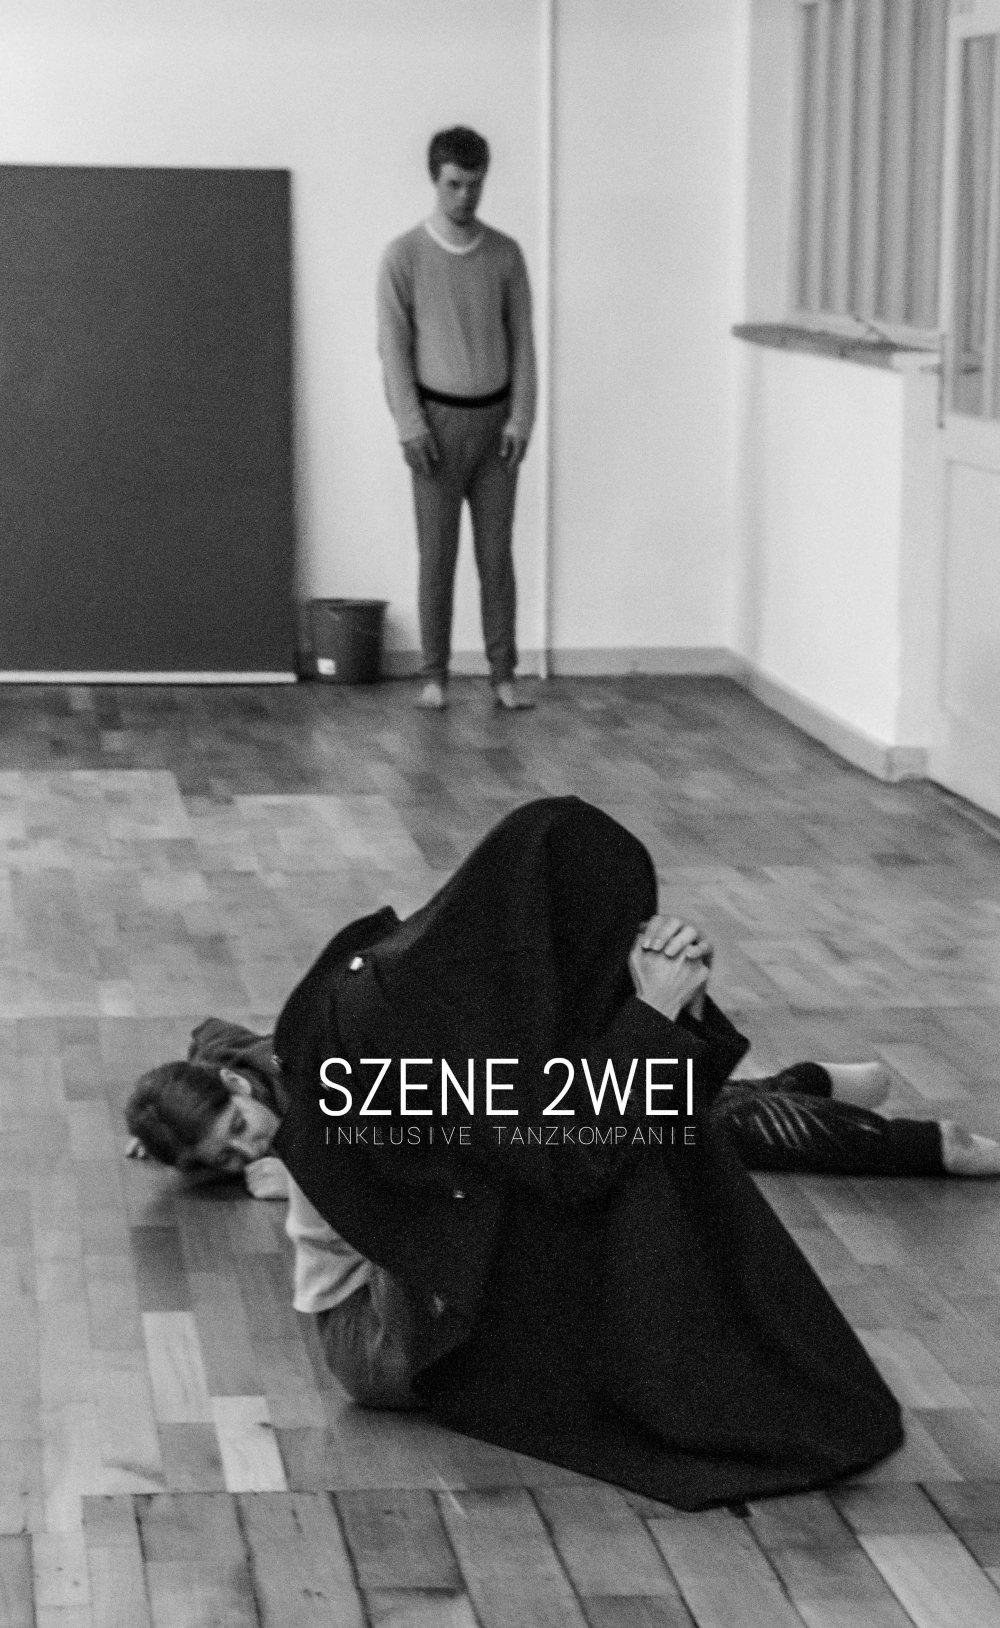 11-scene2wei-7261